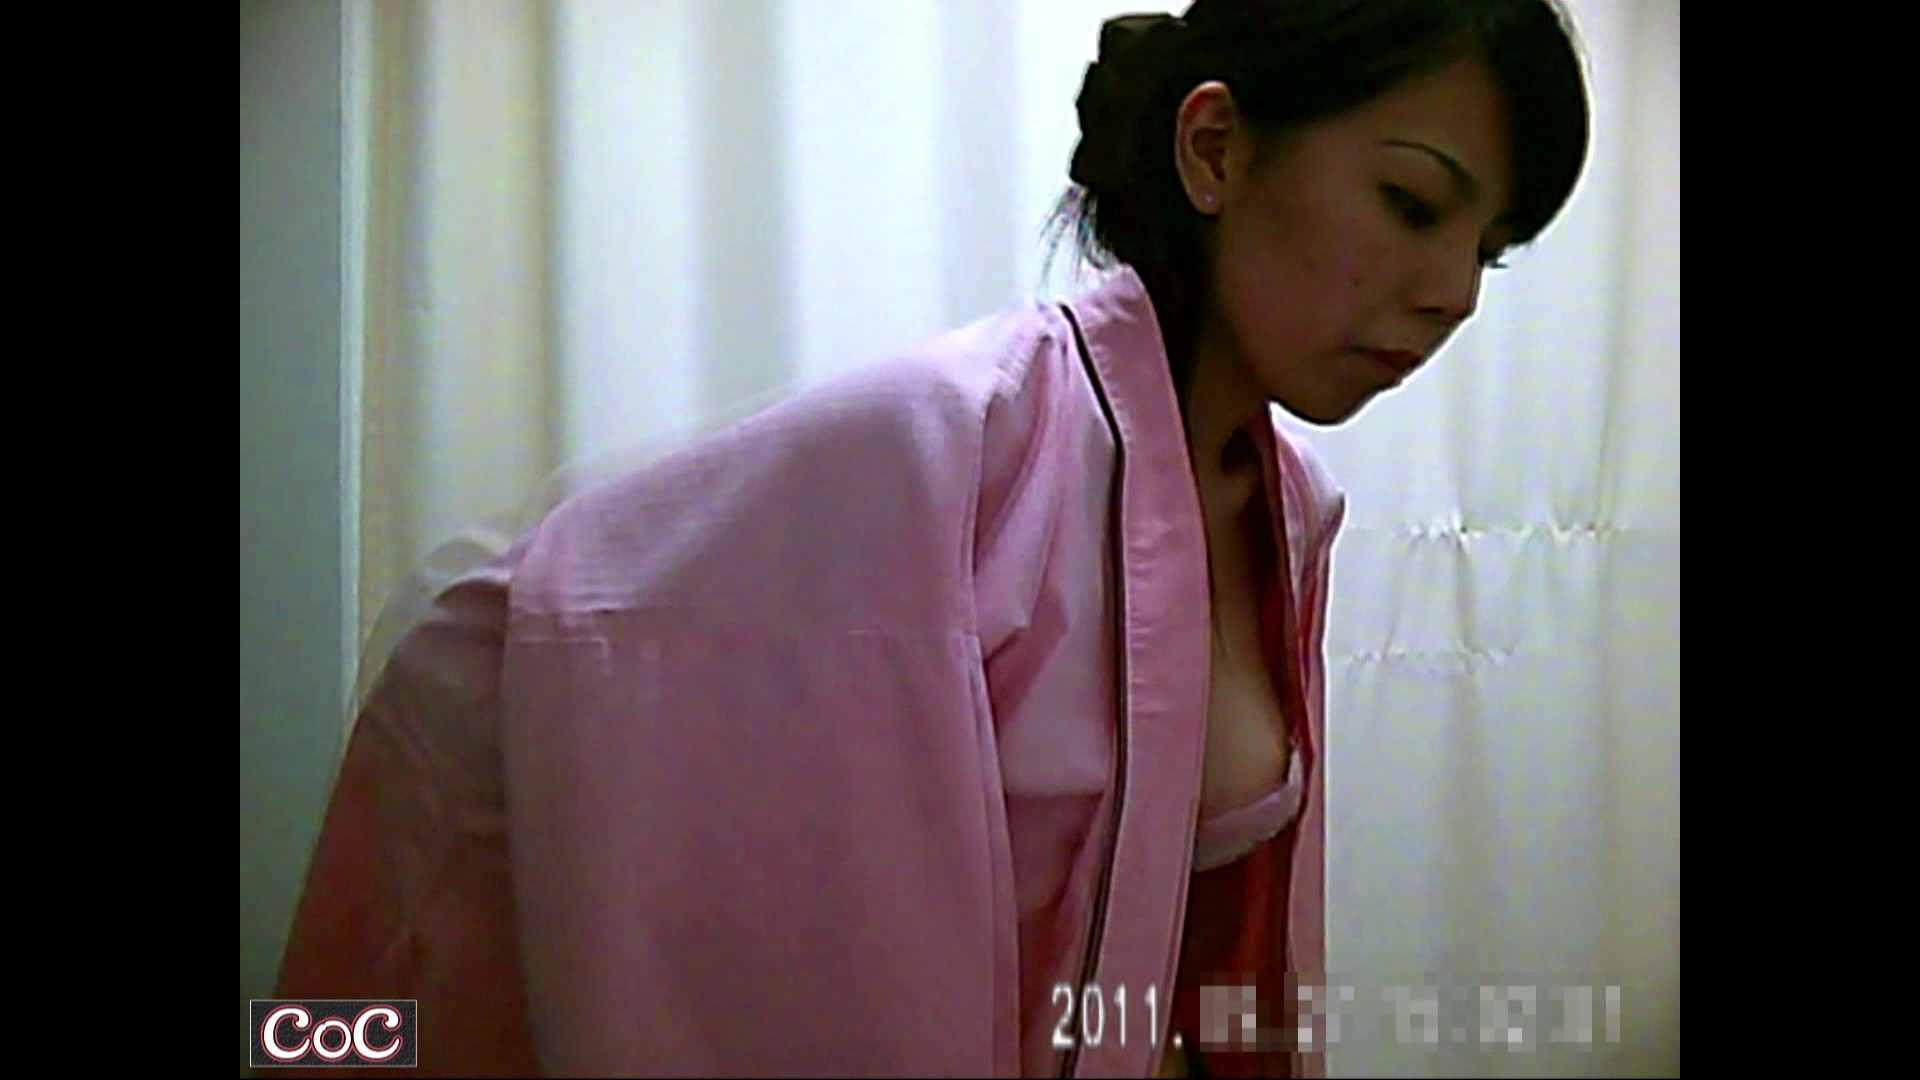 元医者による反抗 更衣室地獄絵巻 vol.258 OL  58pic 28